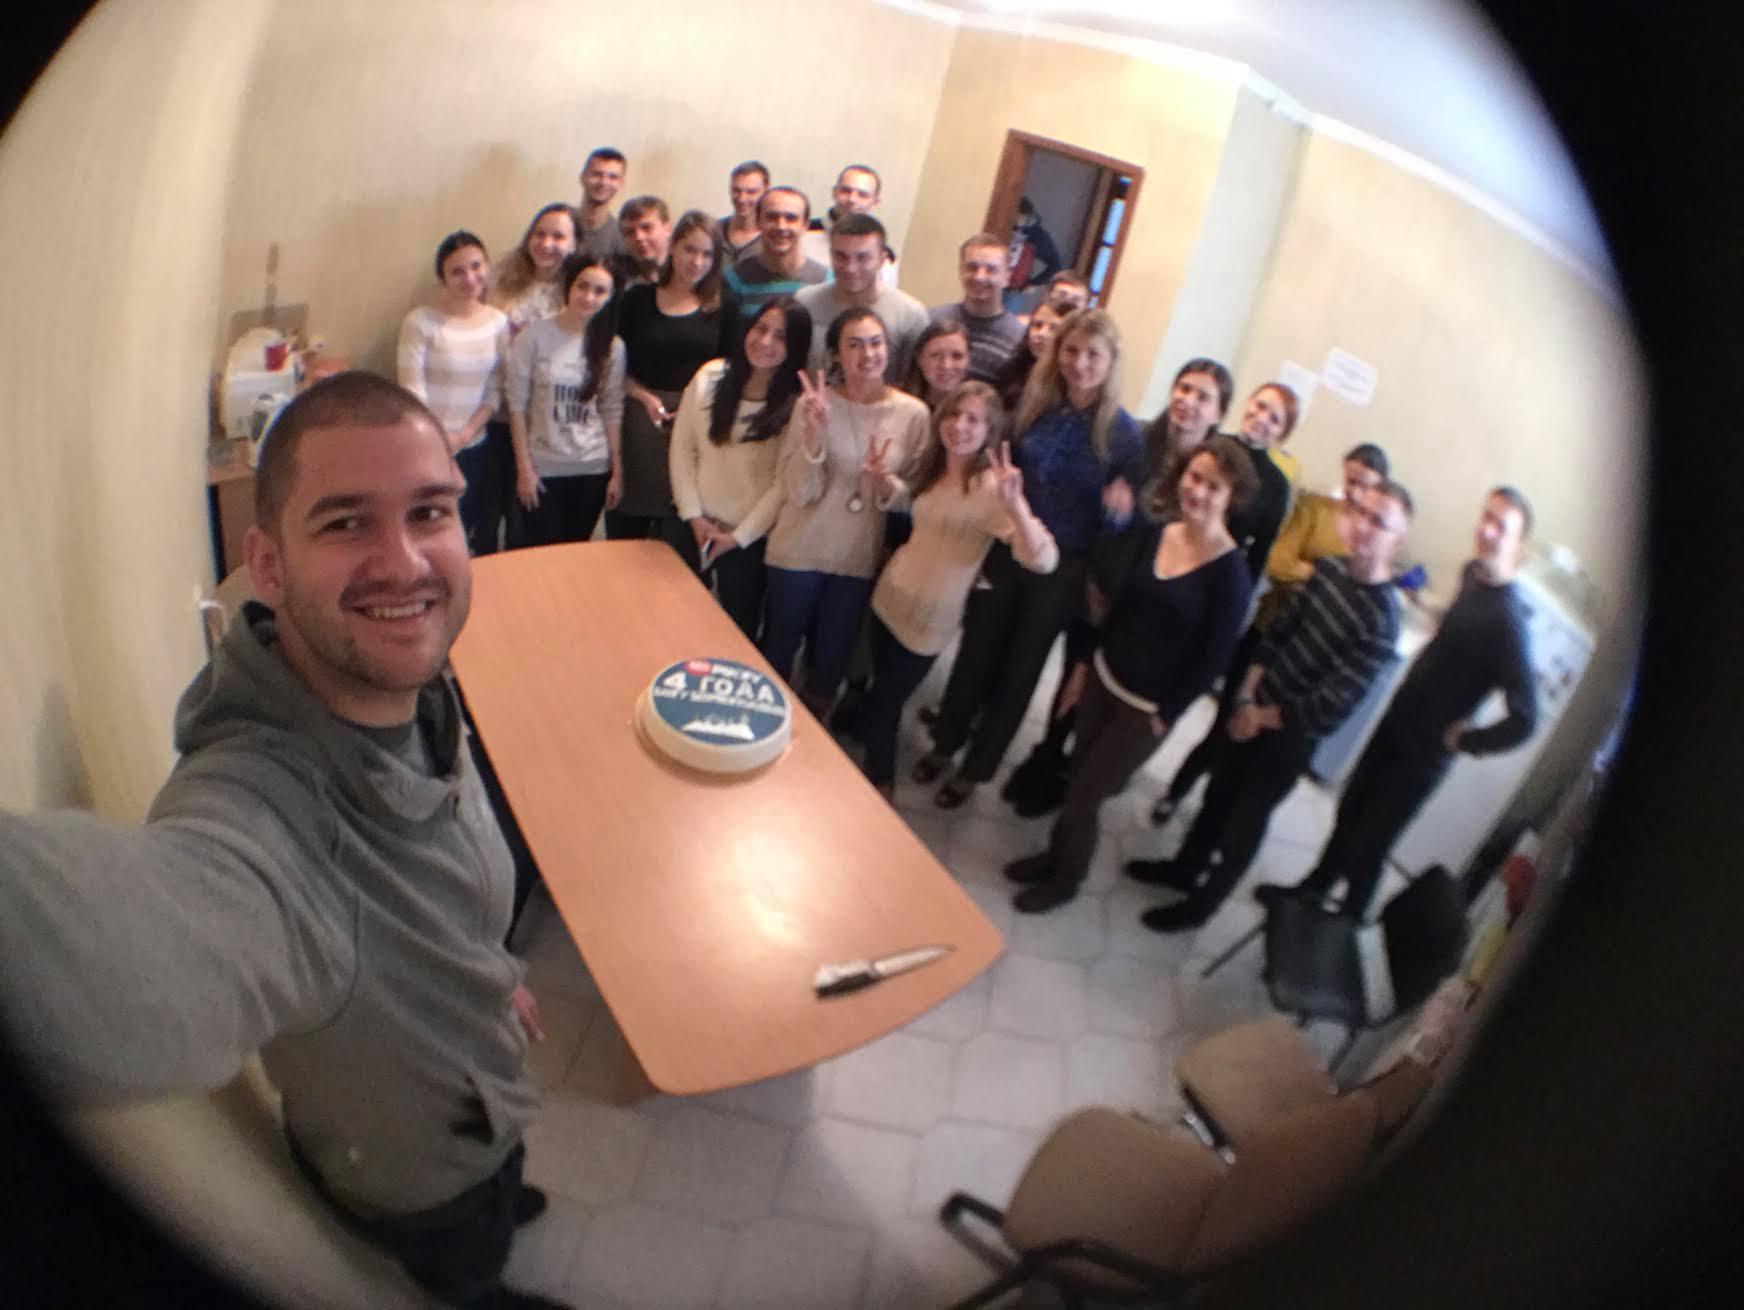 Сегодня в офисе в честь 4 года ДР блогу, был торт 4 кг